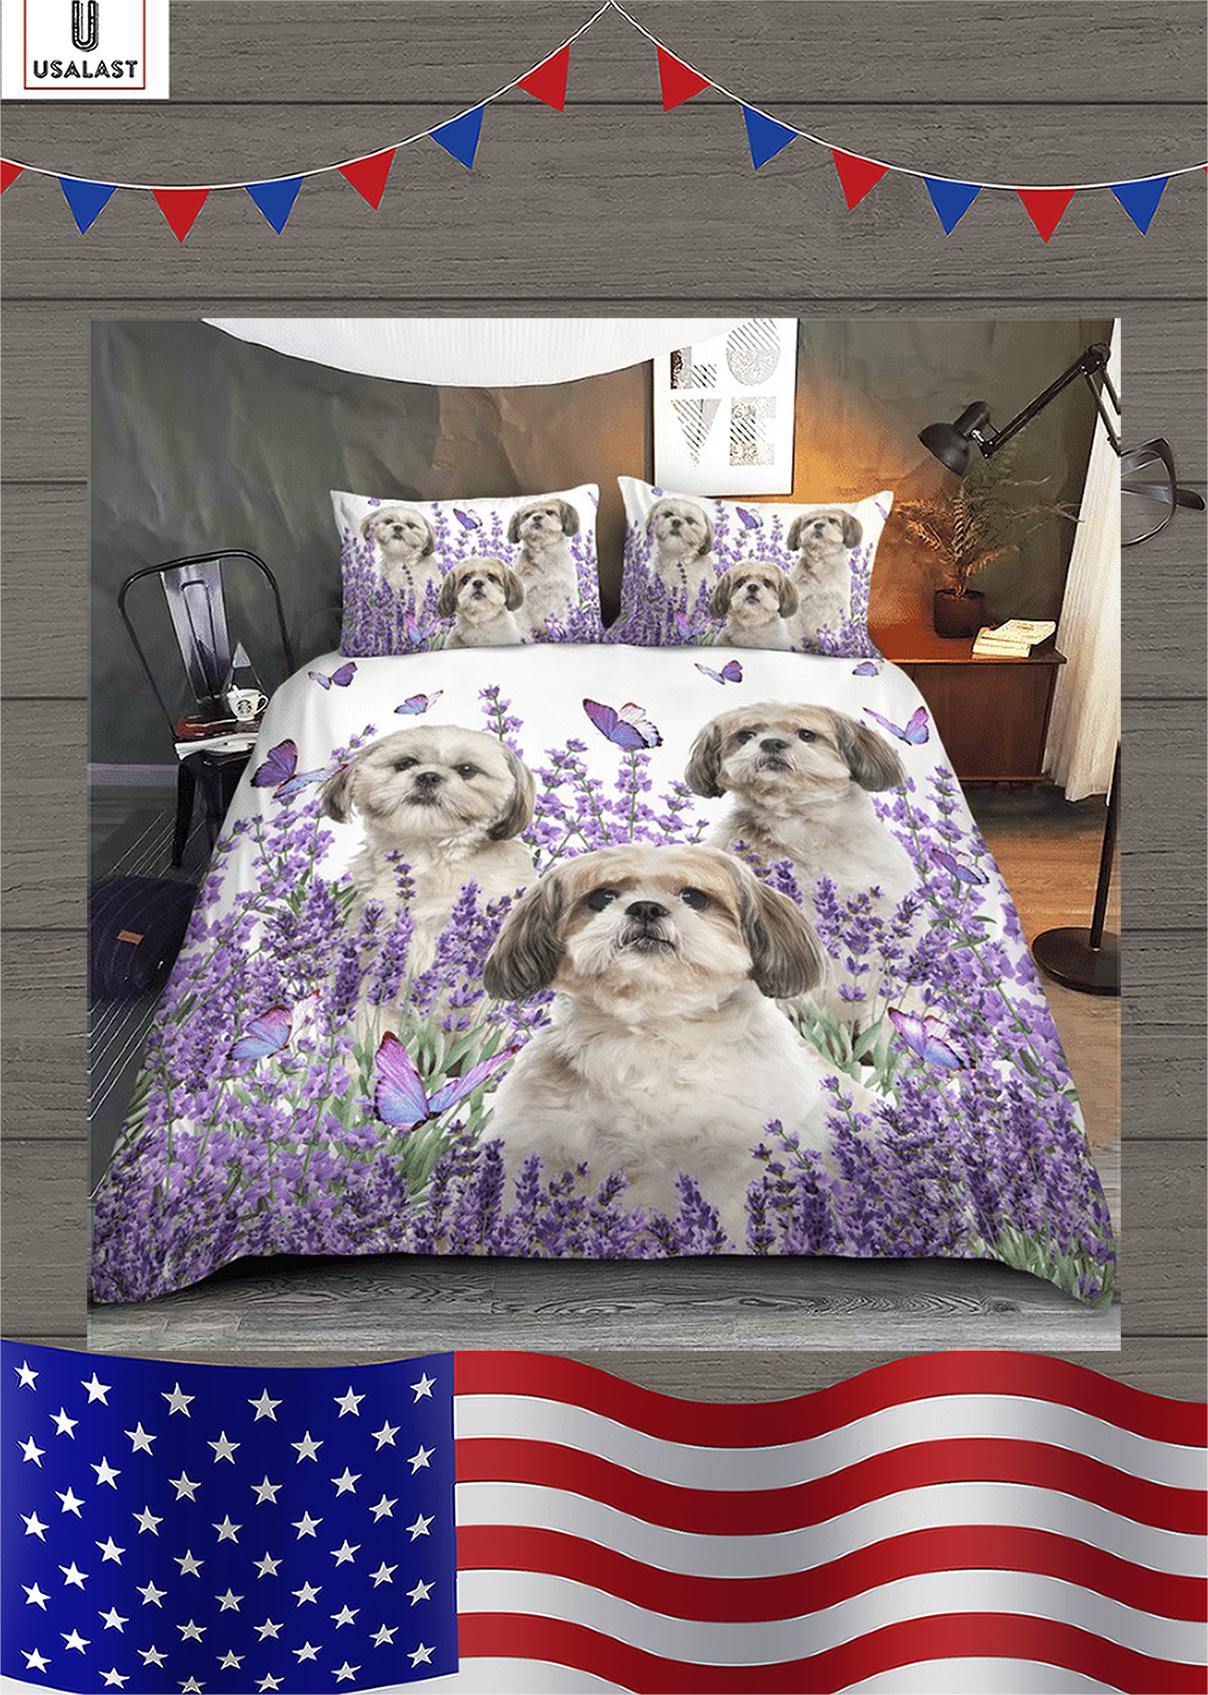 Shih Tzu purple flower bedding set